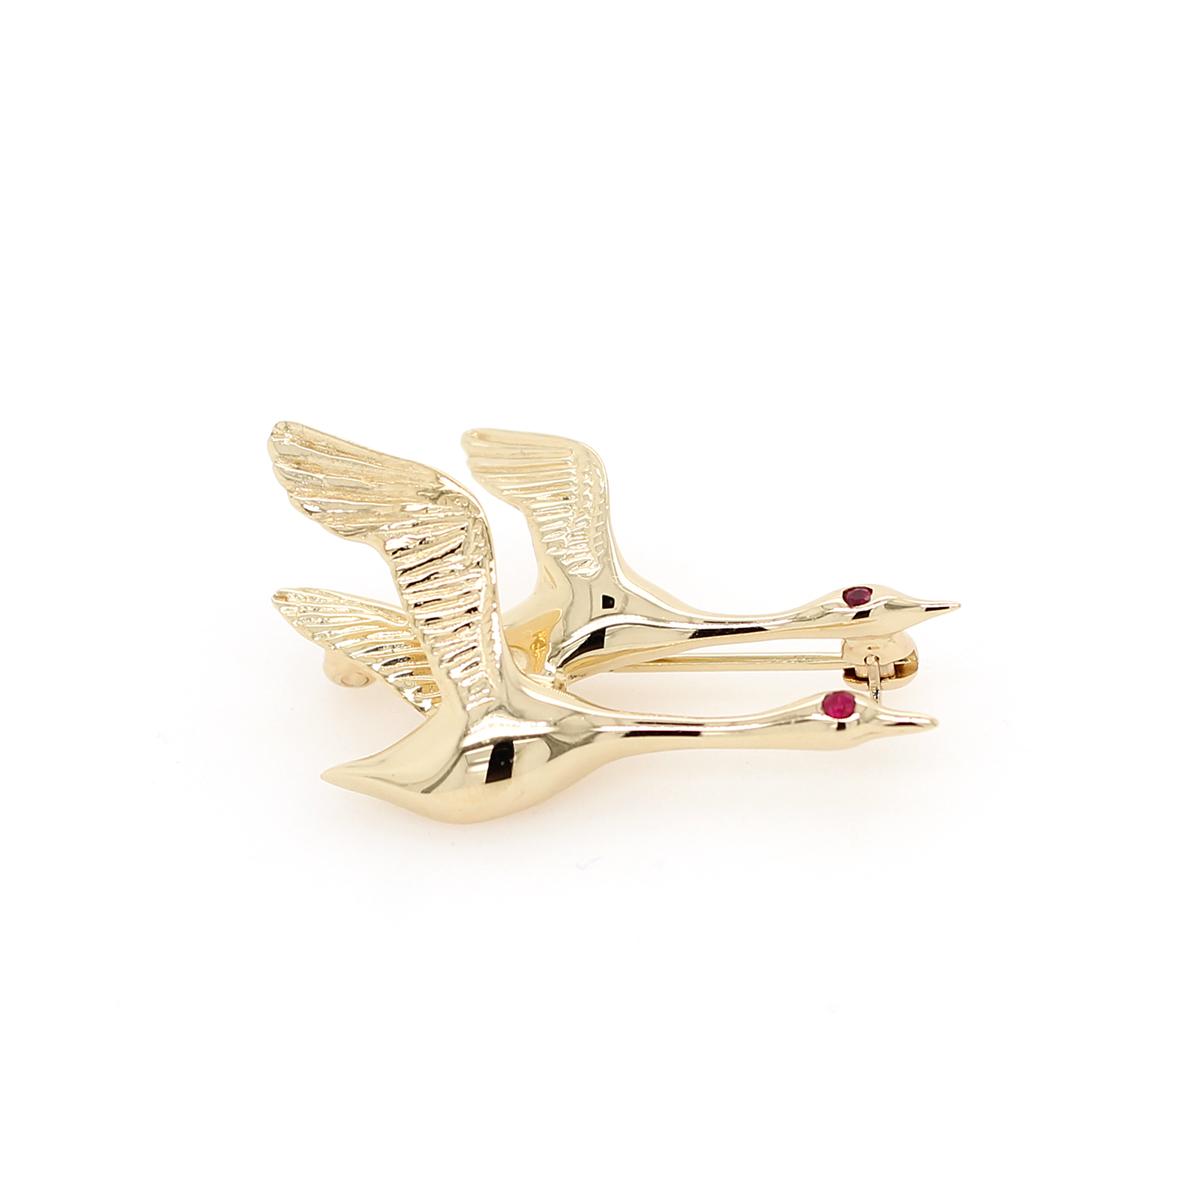 Vintage 14 Karat Yellow Gold Ruby Flying Geese Pin